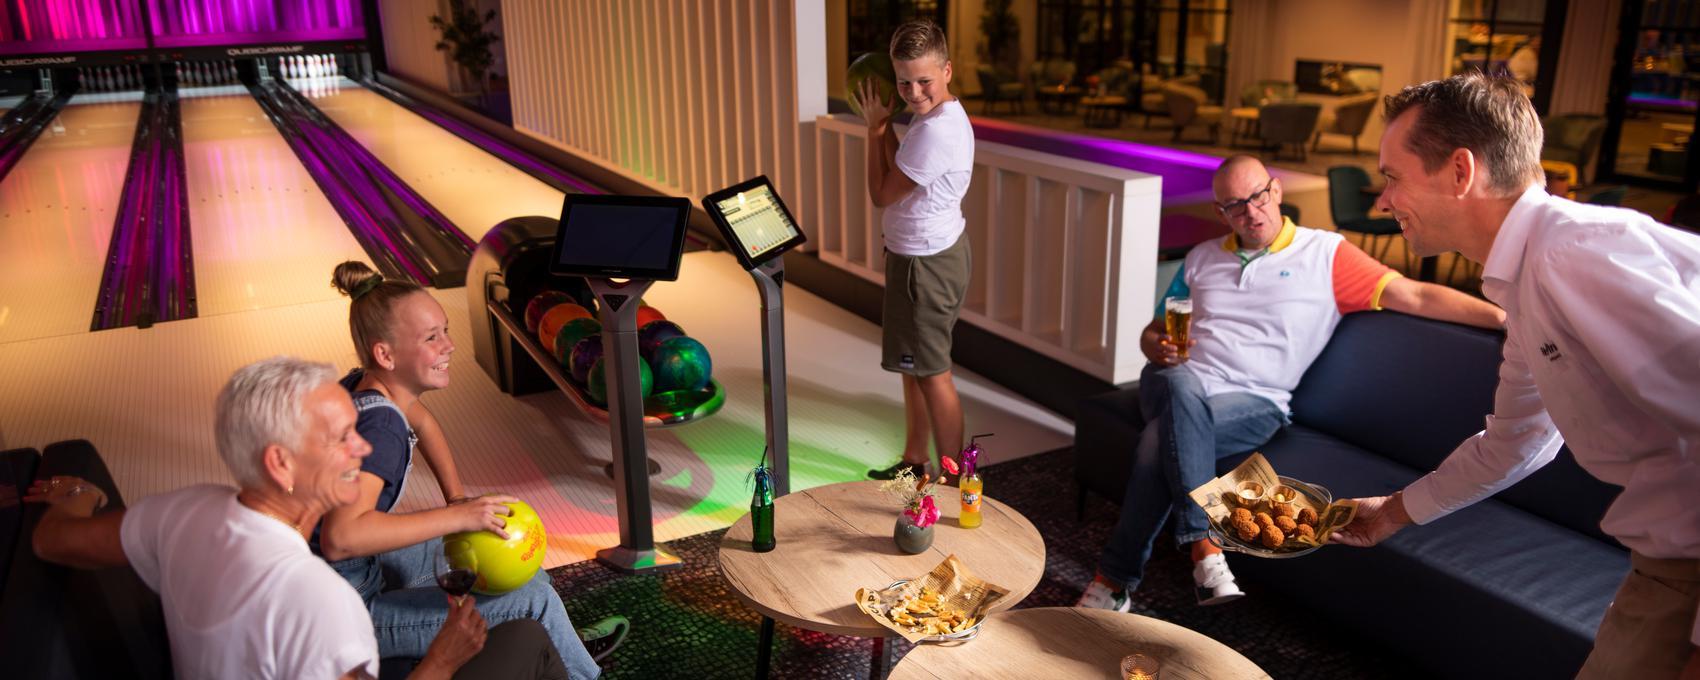 Bowling in Winterswijk